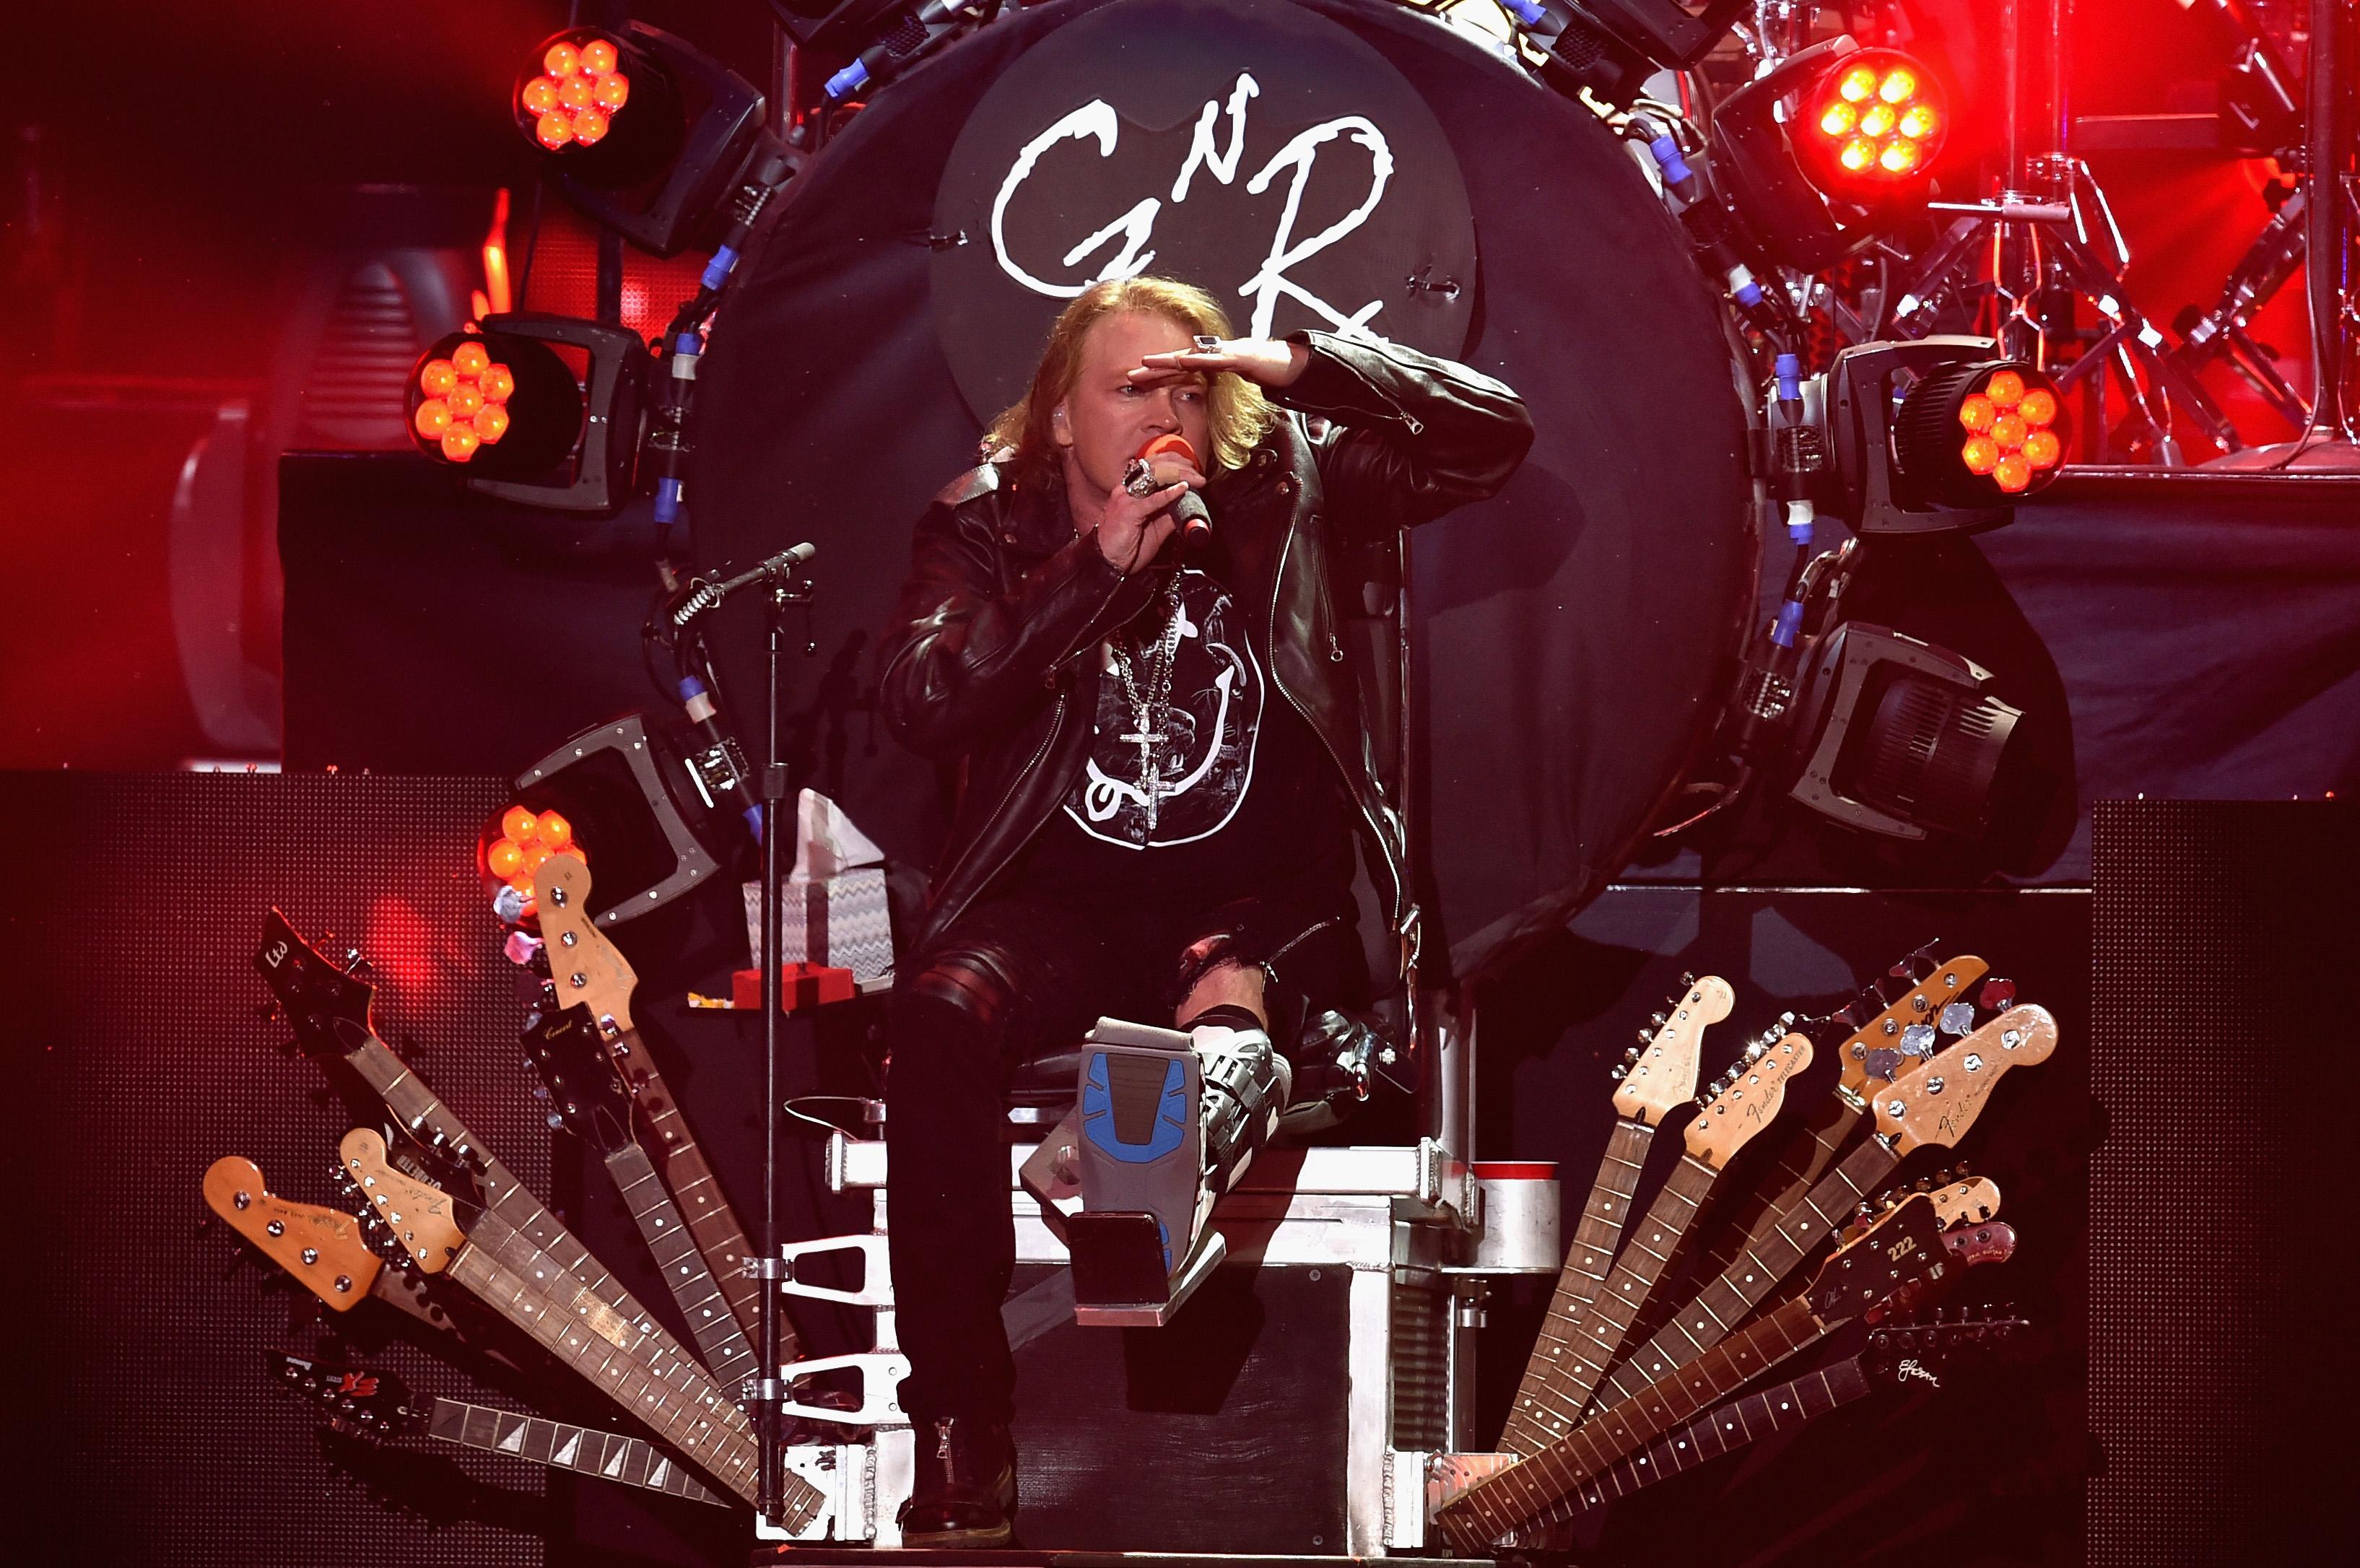 Primul concert AC/DC cu Axl Rose pe post de solist. Cum au reactionat fanii la concertul din Lisabona